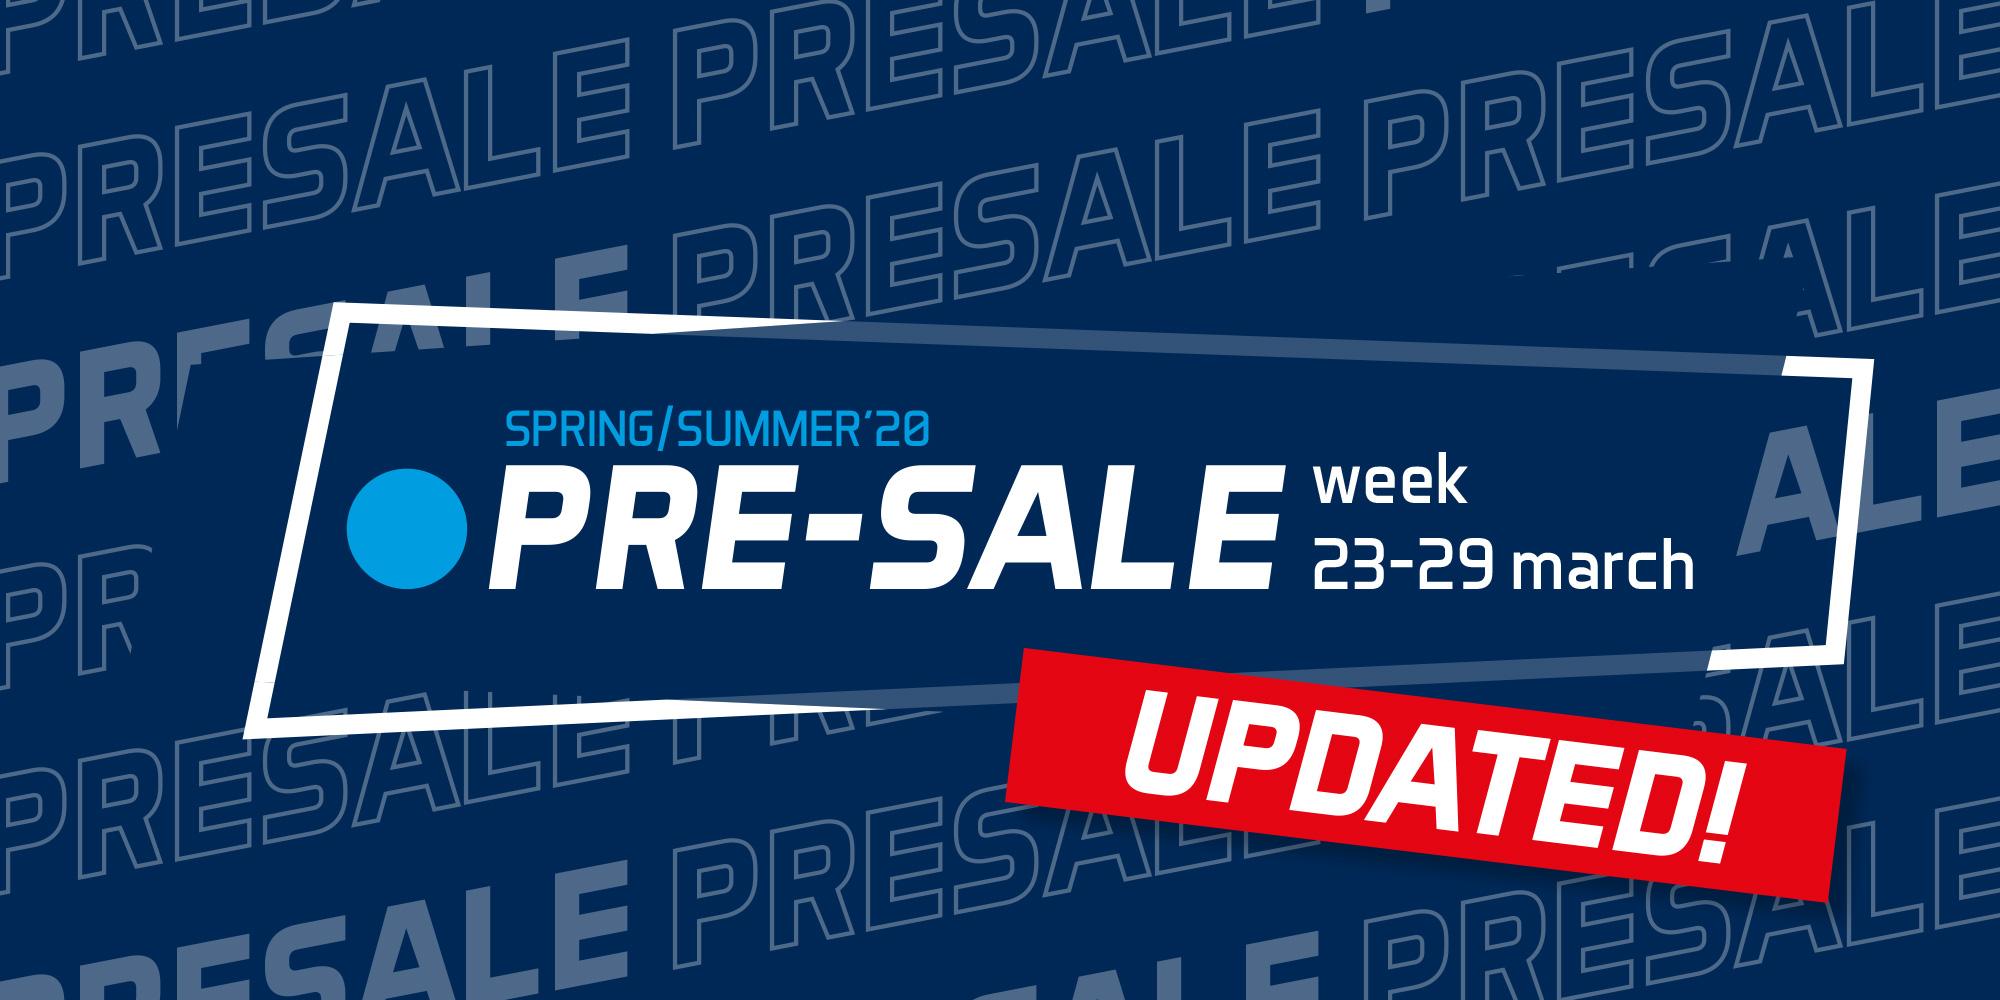 pre sale update